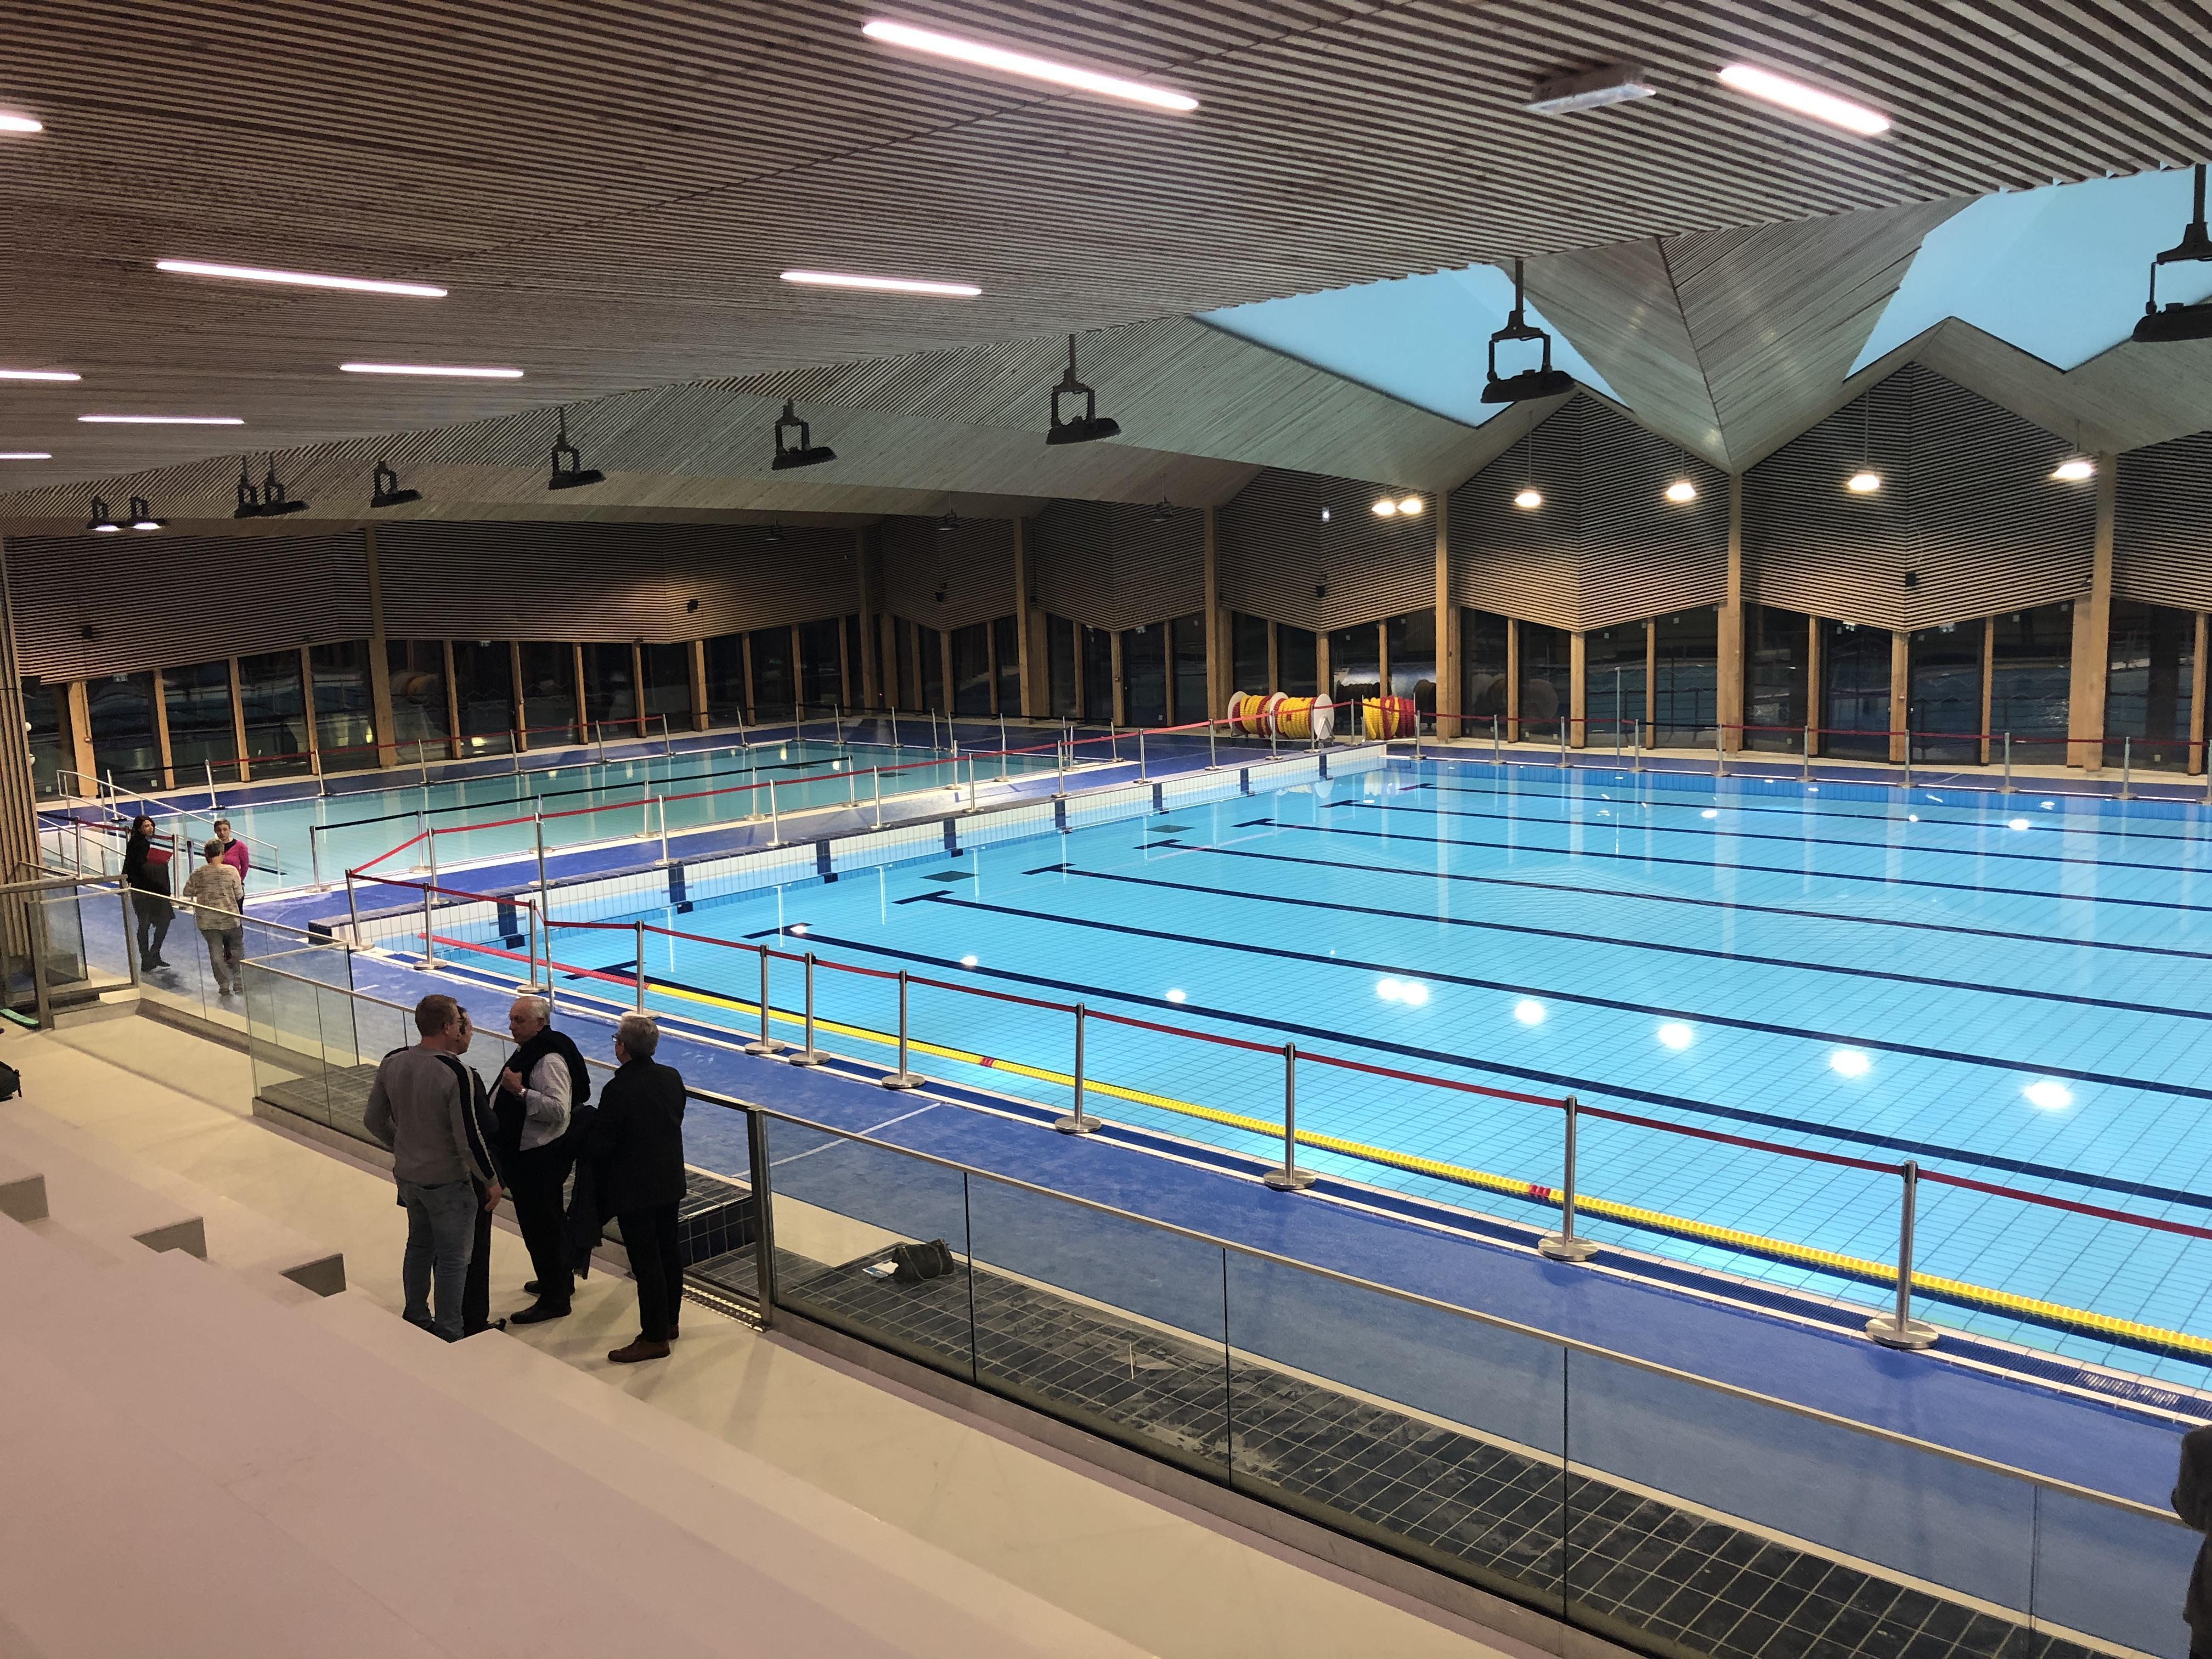 Piscine A Moins De 100 Euros photos) chambéry: découvrez la nouvelle piscine avant de